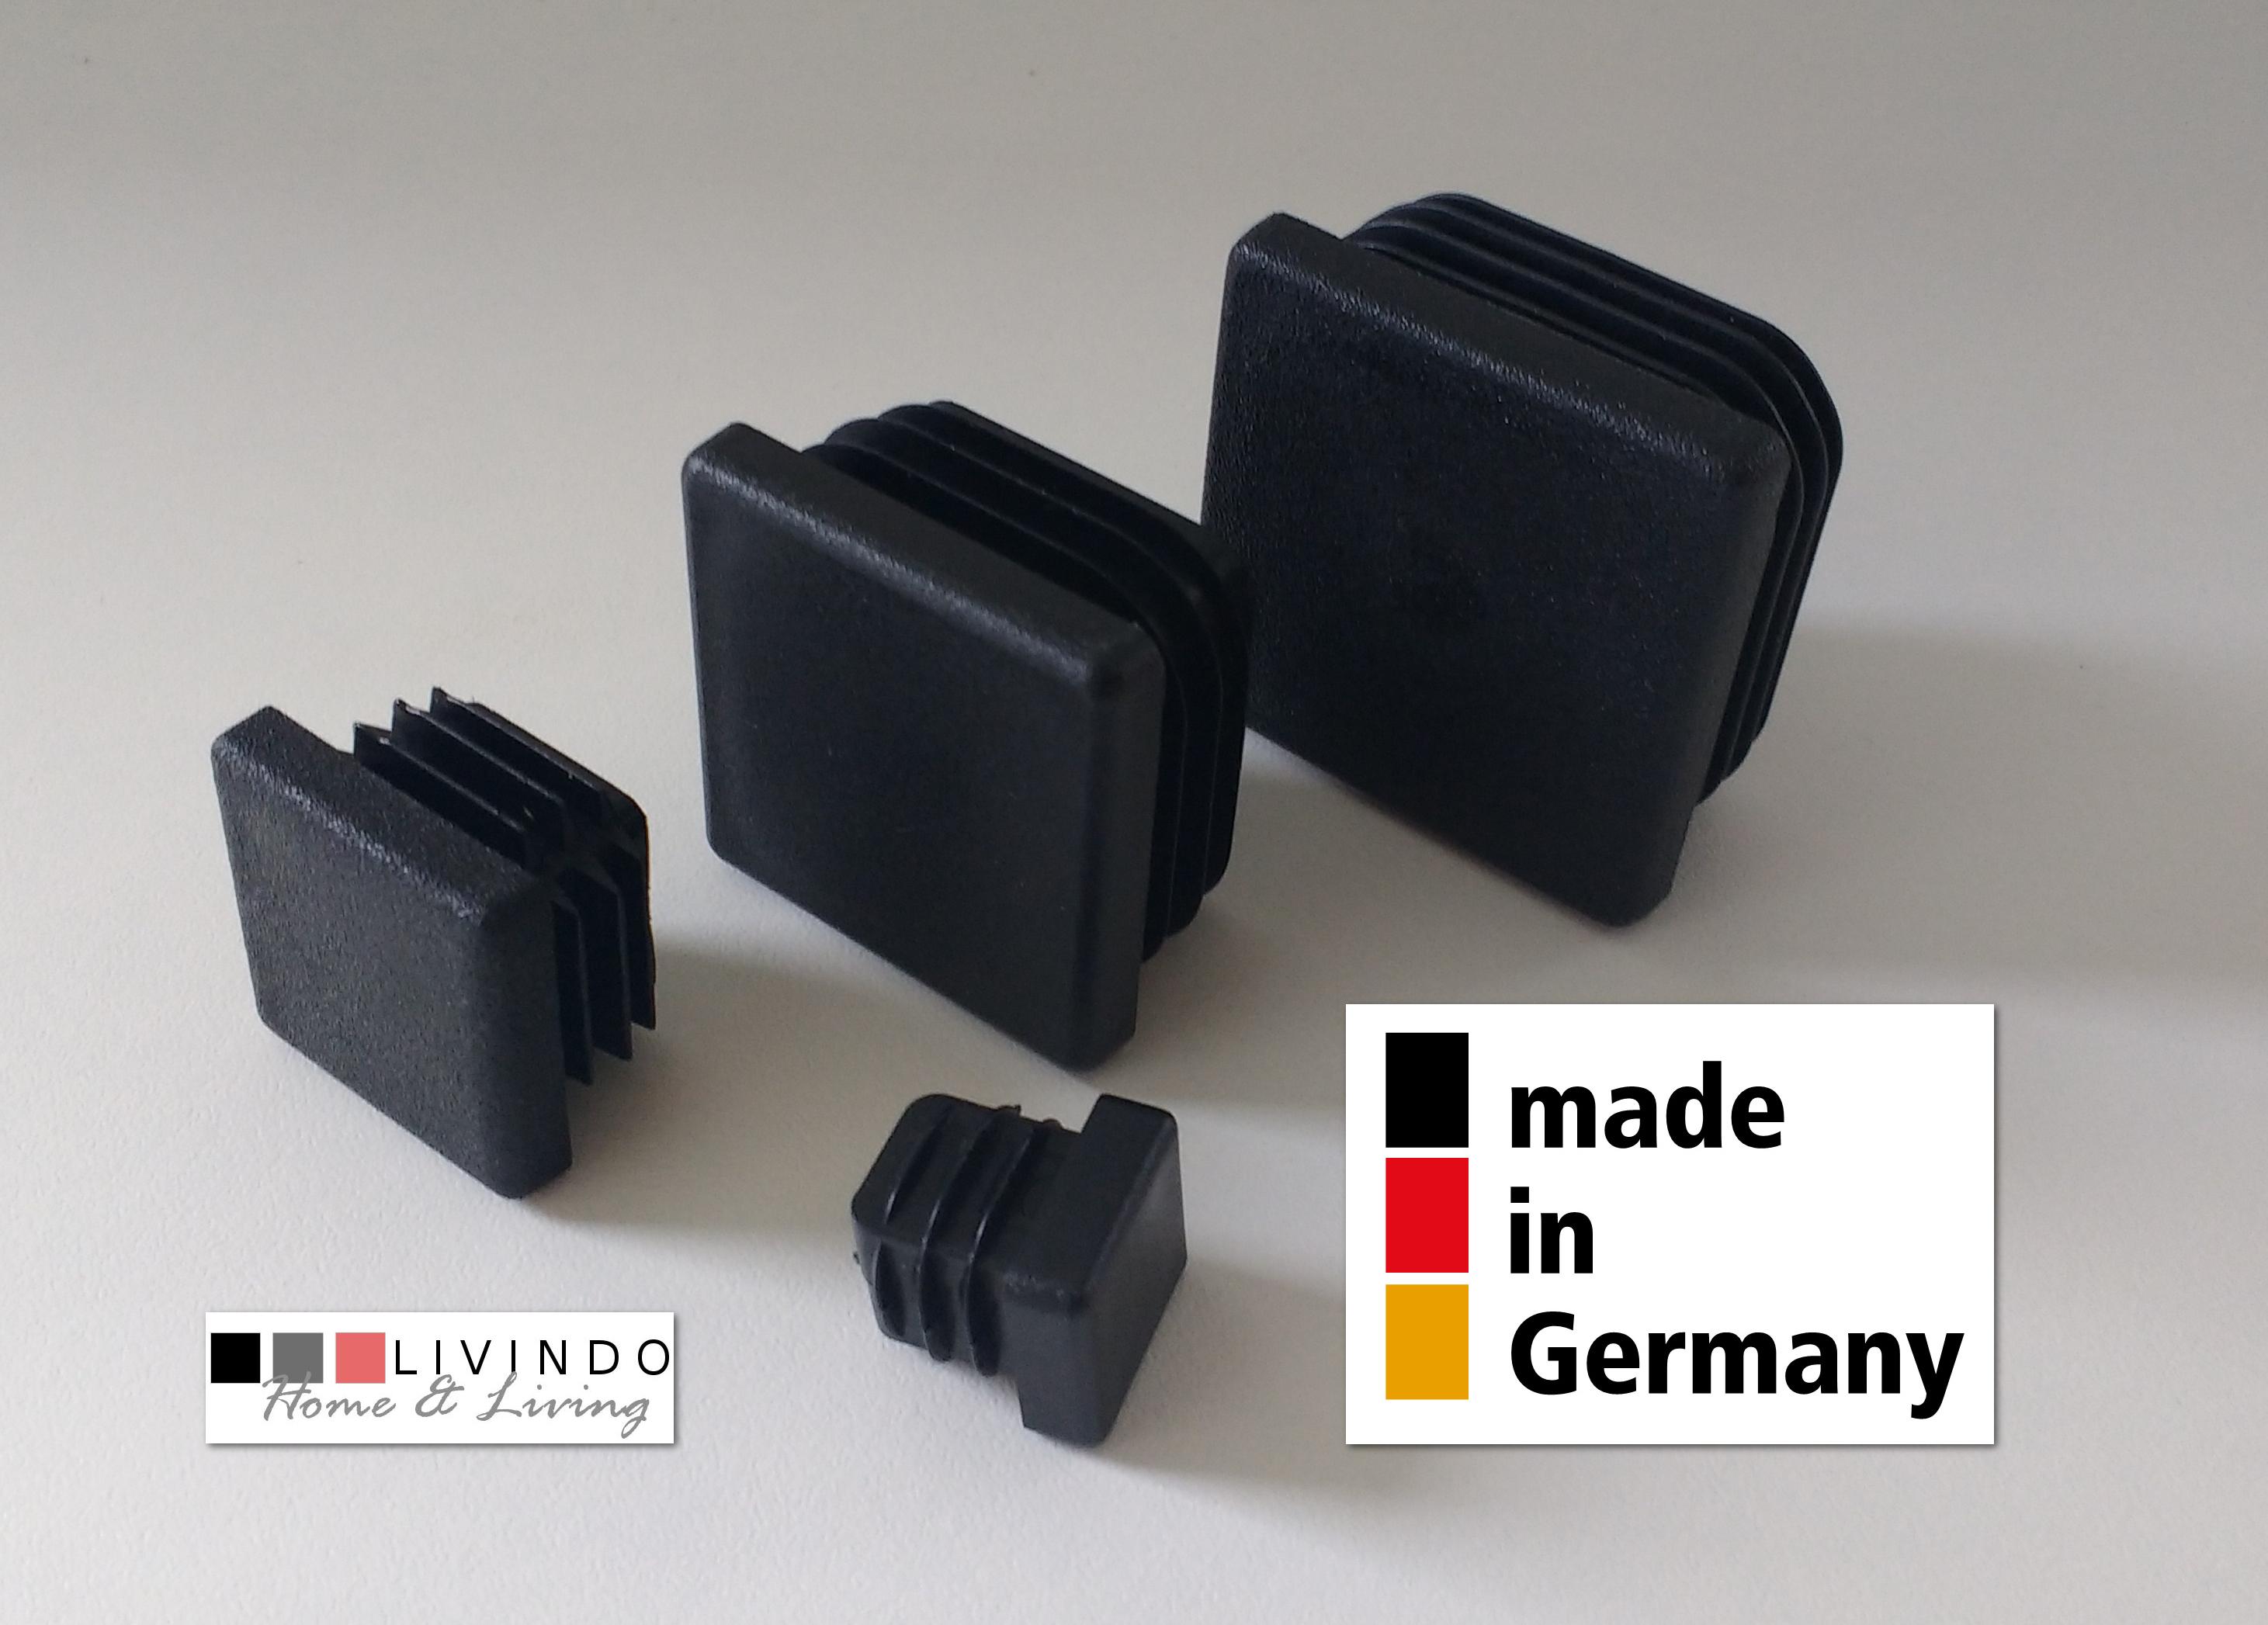 10 Stück Lamellenstopfen Schwarz 28 x 28 mm Aussen - livindo.pro©